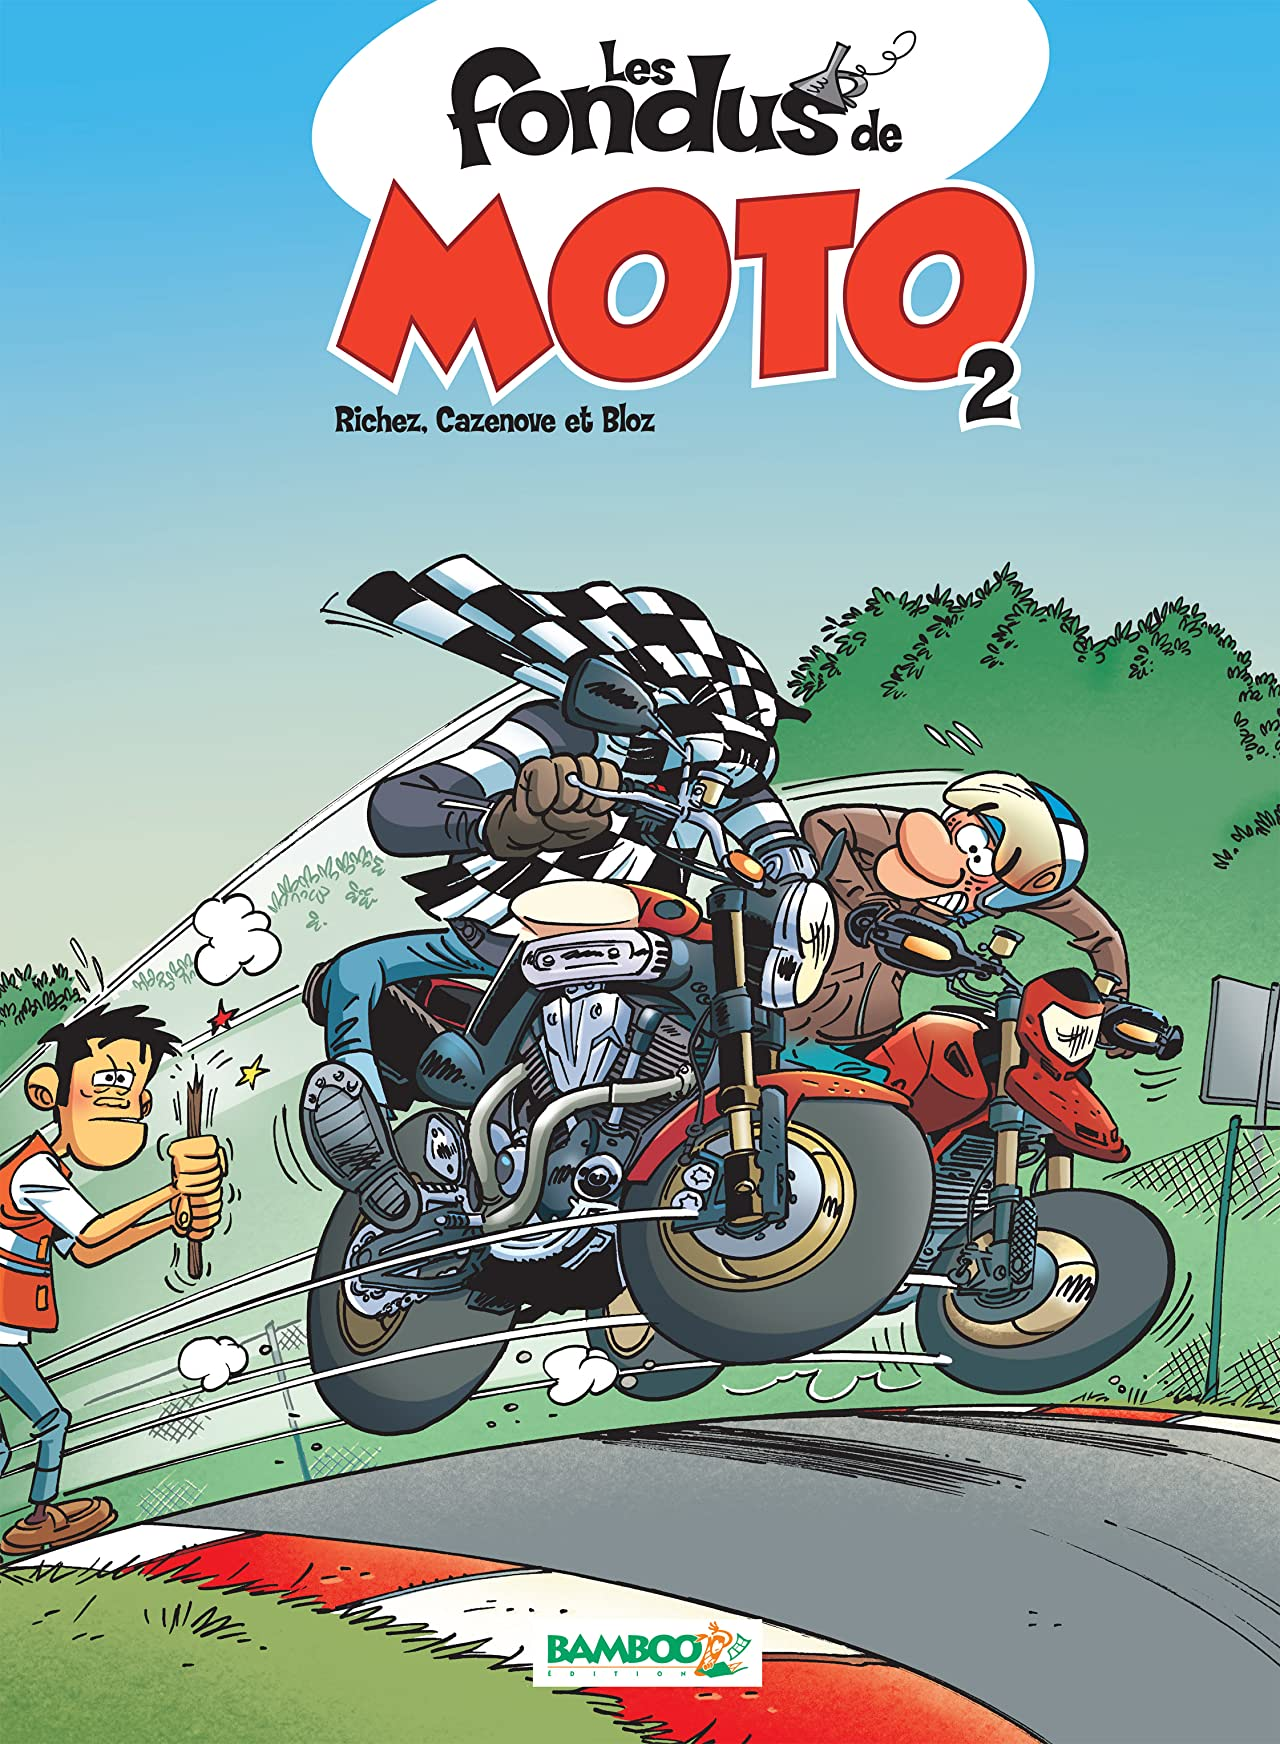 Les Fondus de moto Vol. 2